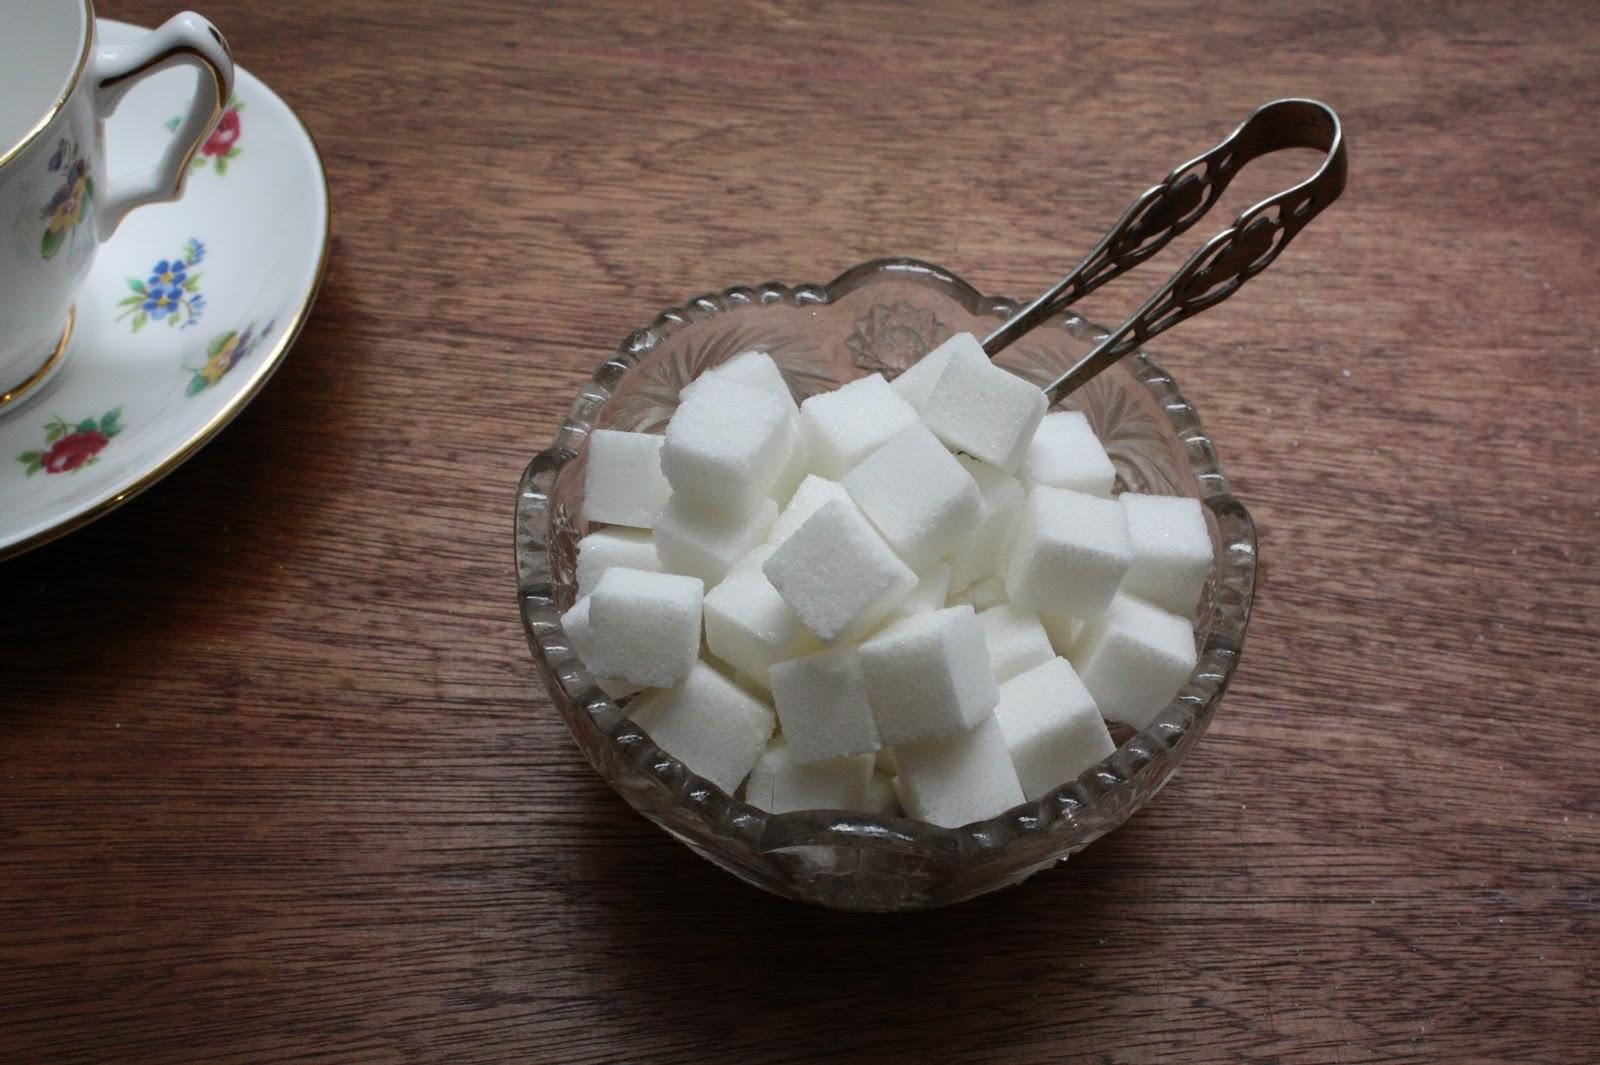 2017թ. հունվար-սեպտեմբերին Հայաստանում շաքարավազի արտադրությունը նվազել է 10.1%-ով